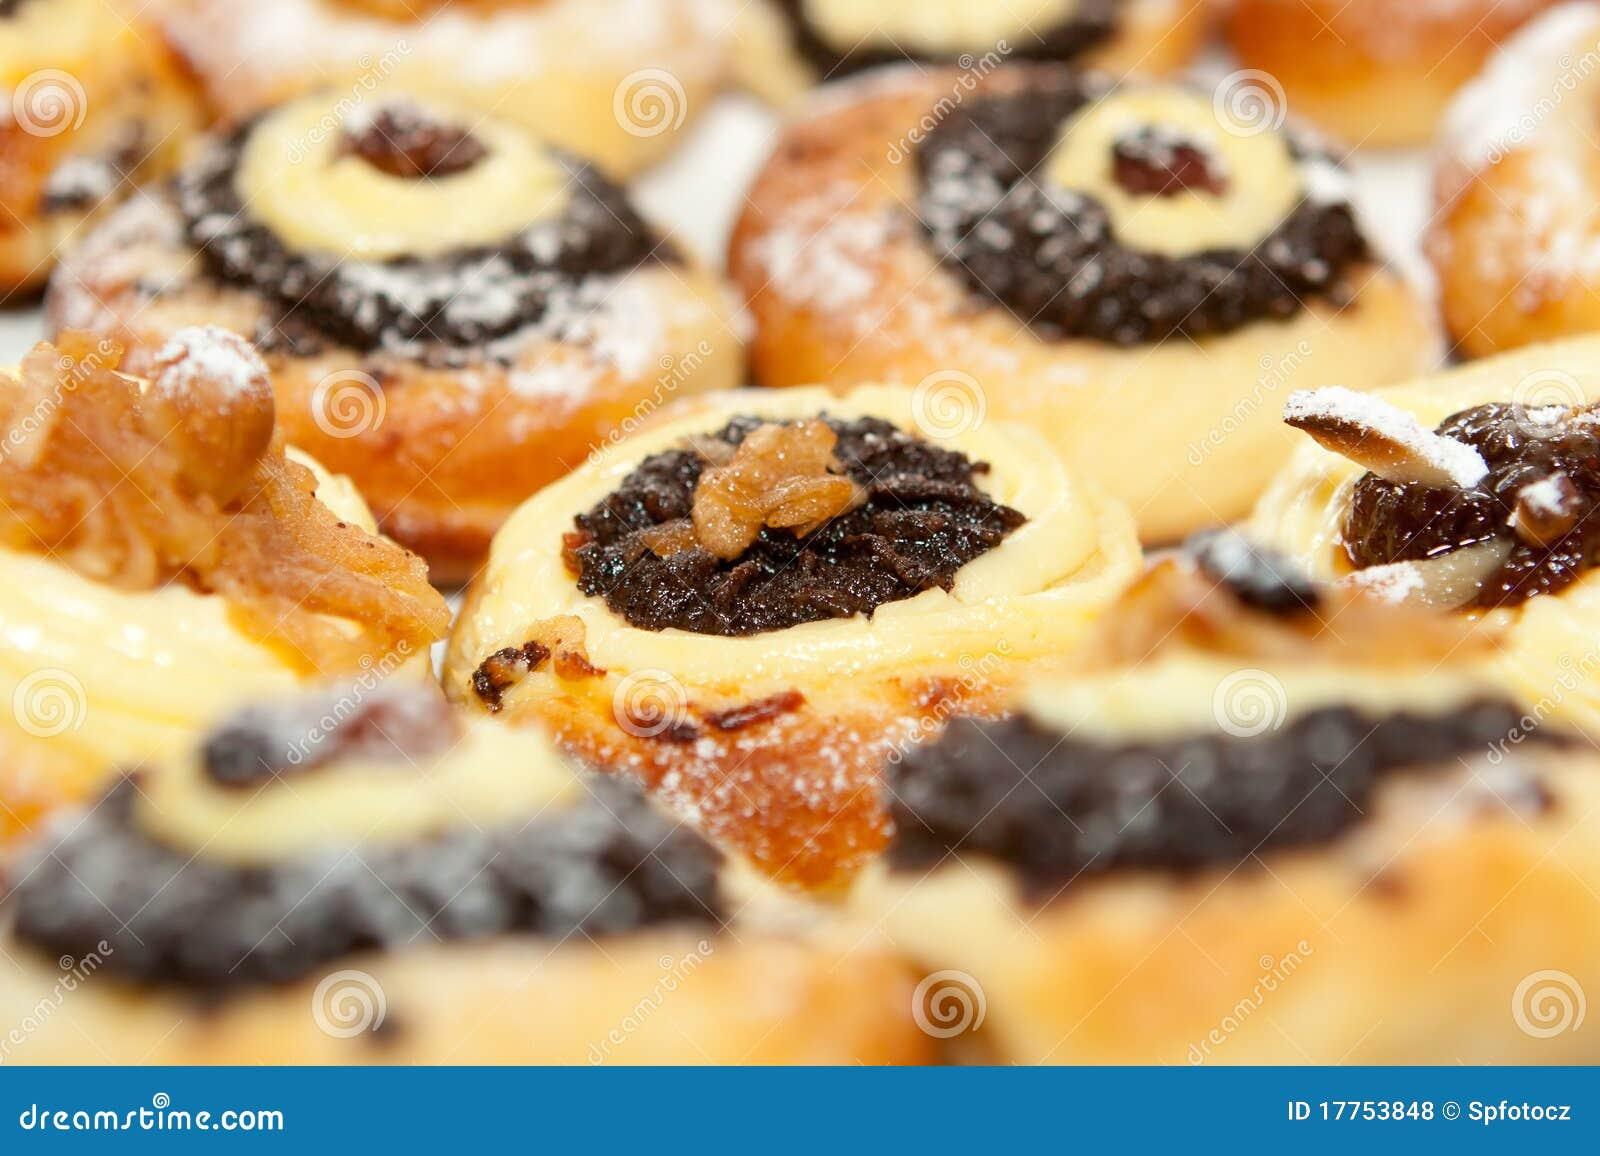 Tschechische Küche | Traditionelle Tschechische Kuche Stockfoto Bild Von Tschechisch